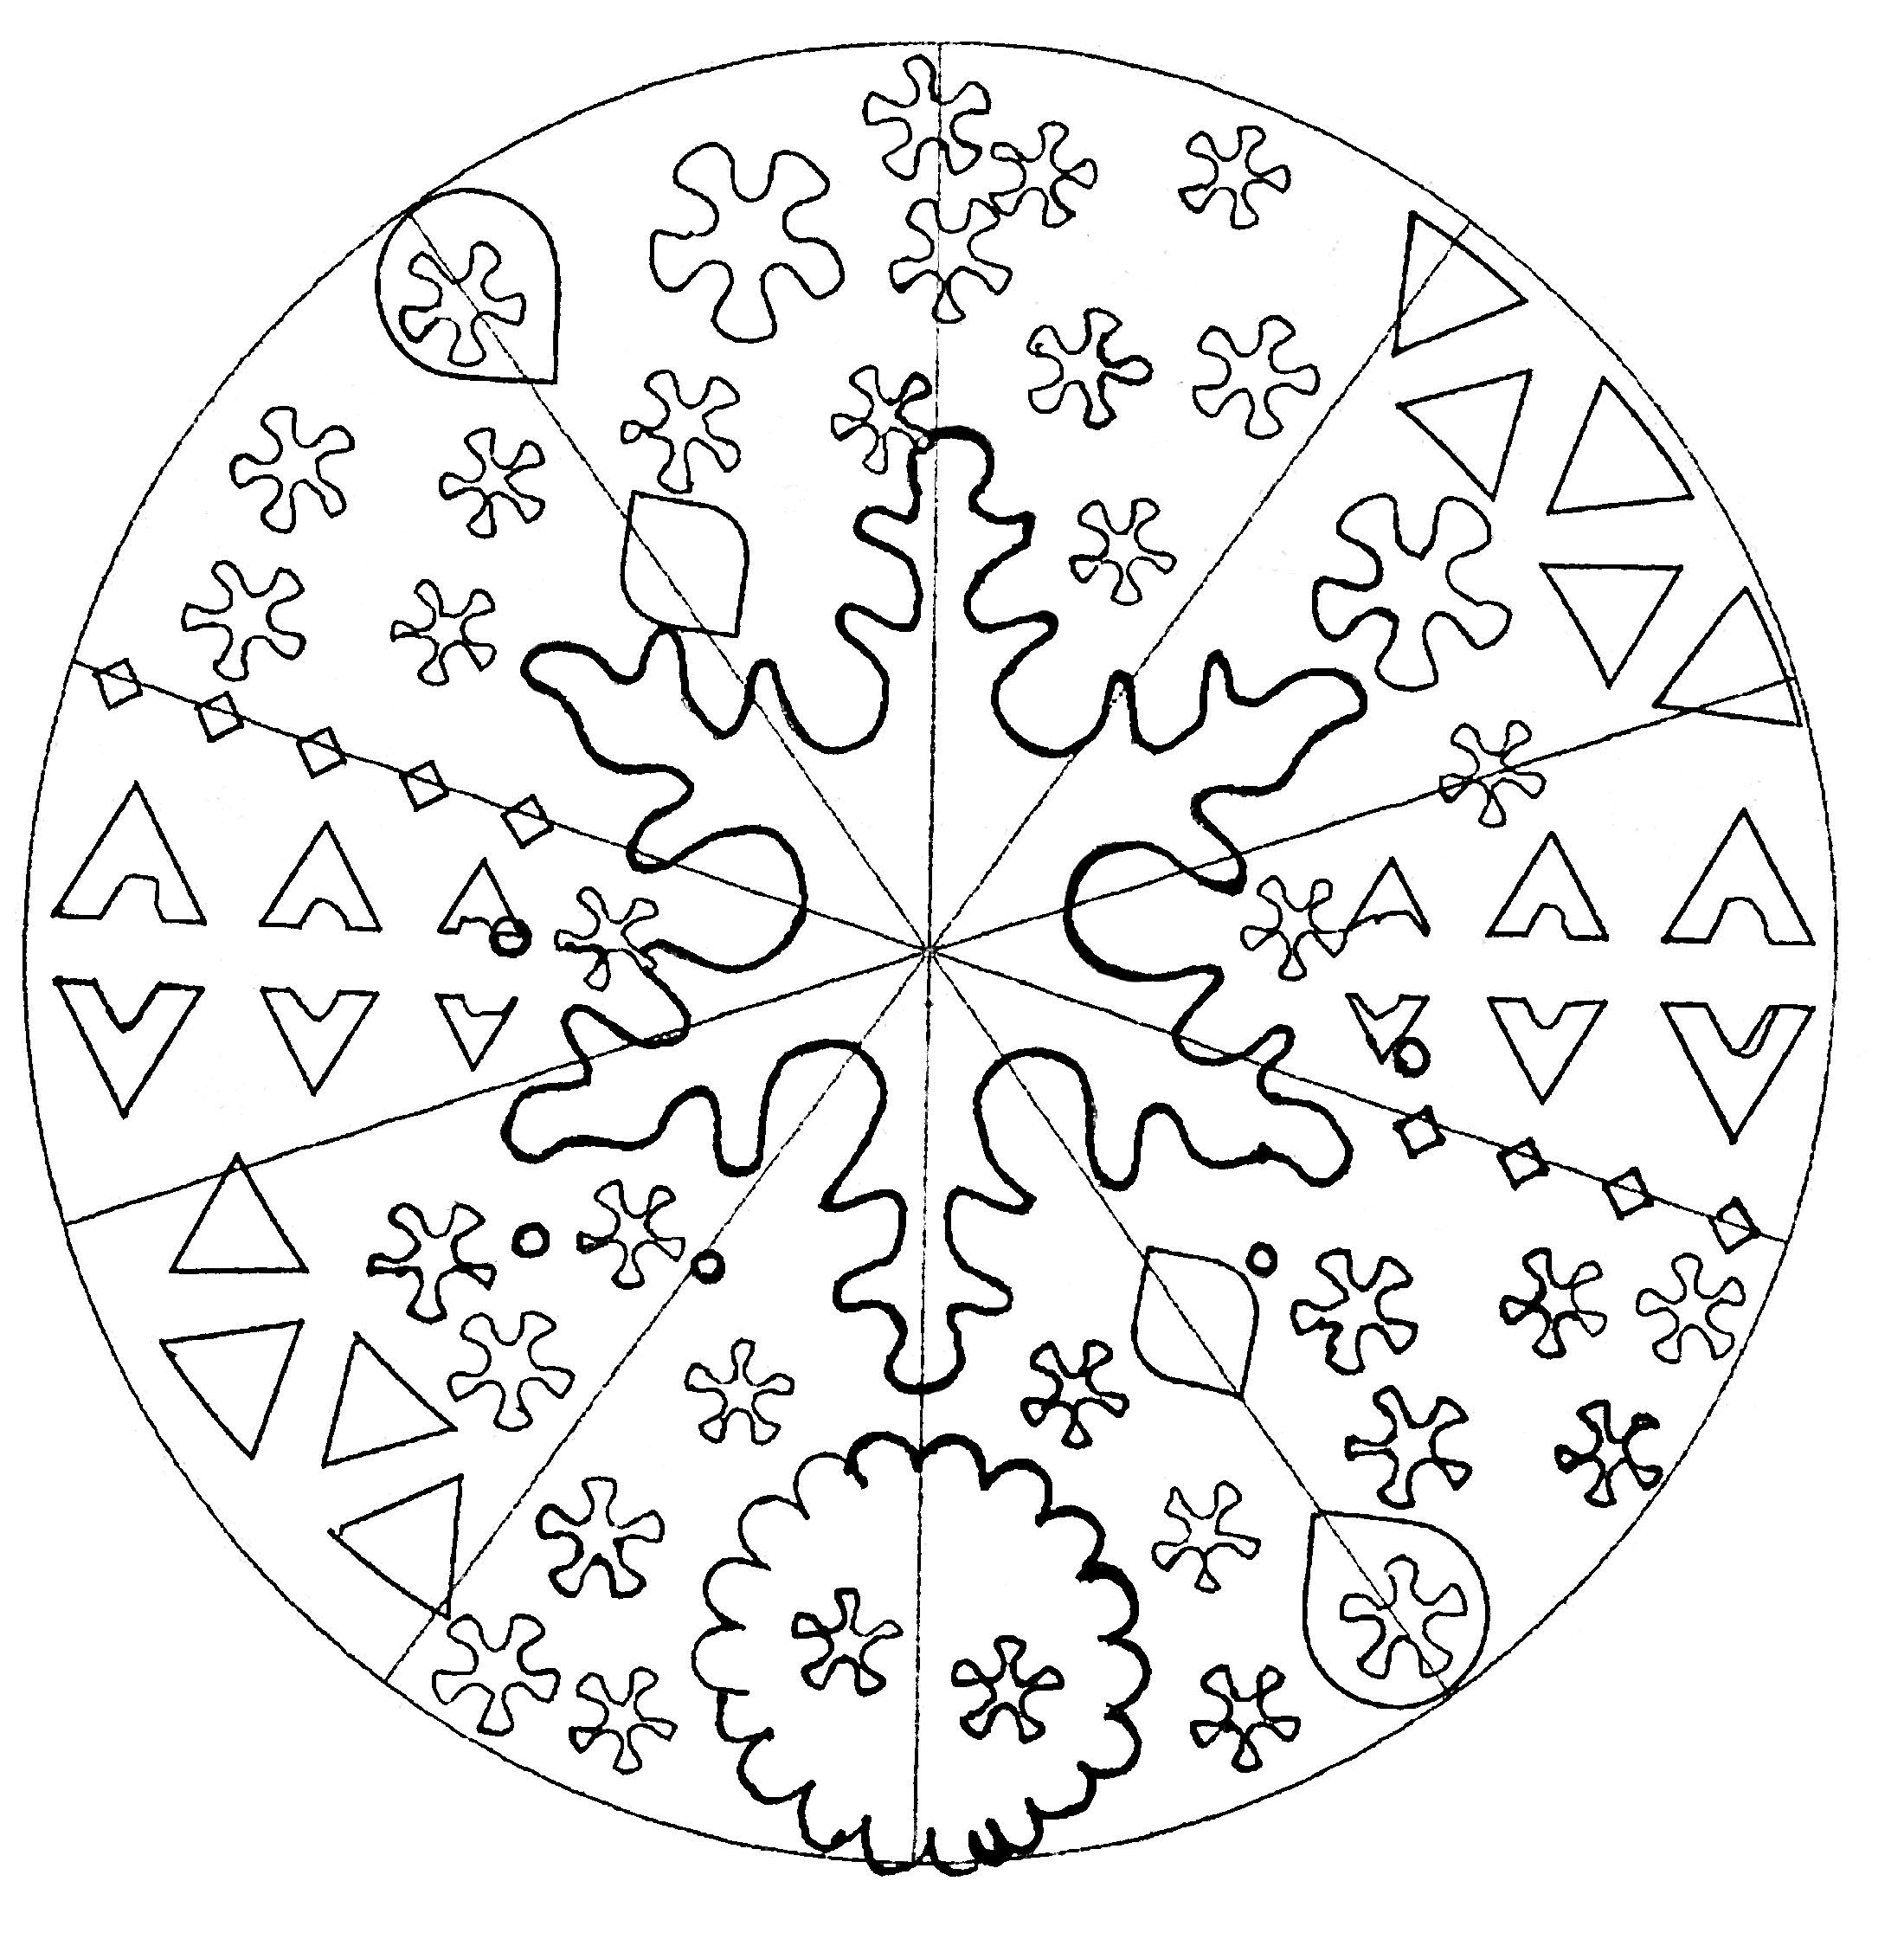 Disegni da colorare per adulti : Mandalas - 150